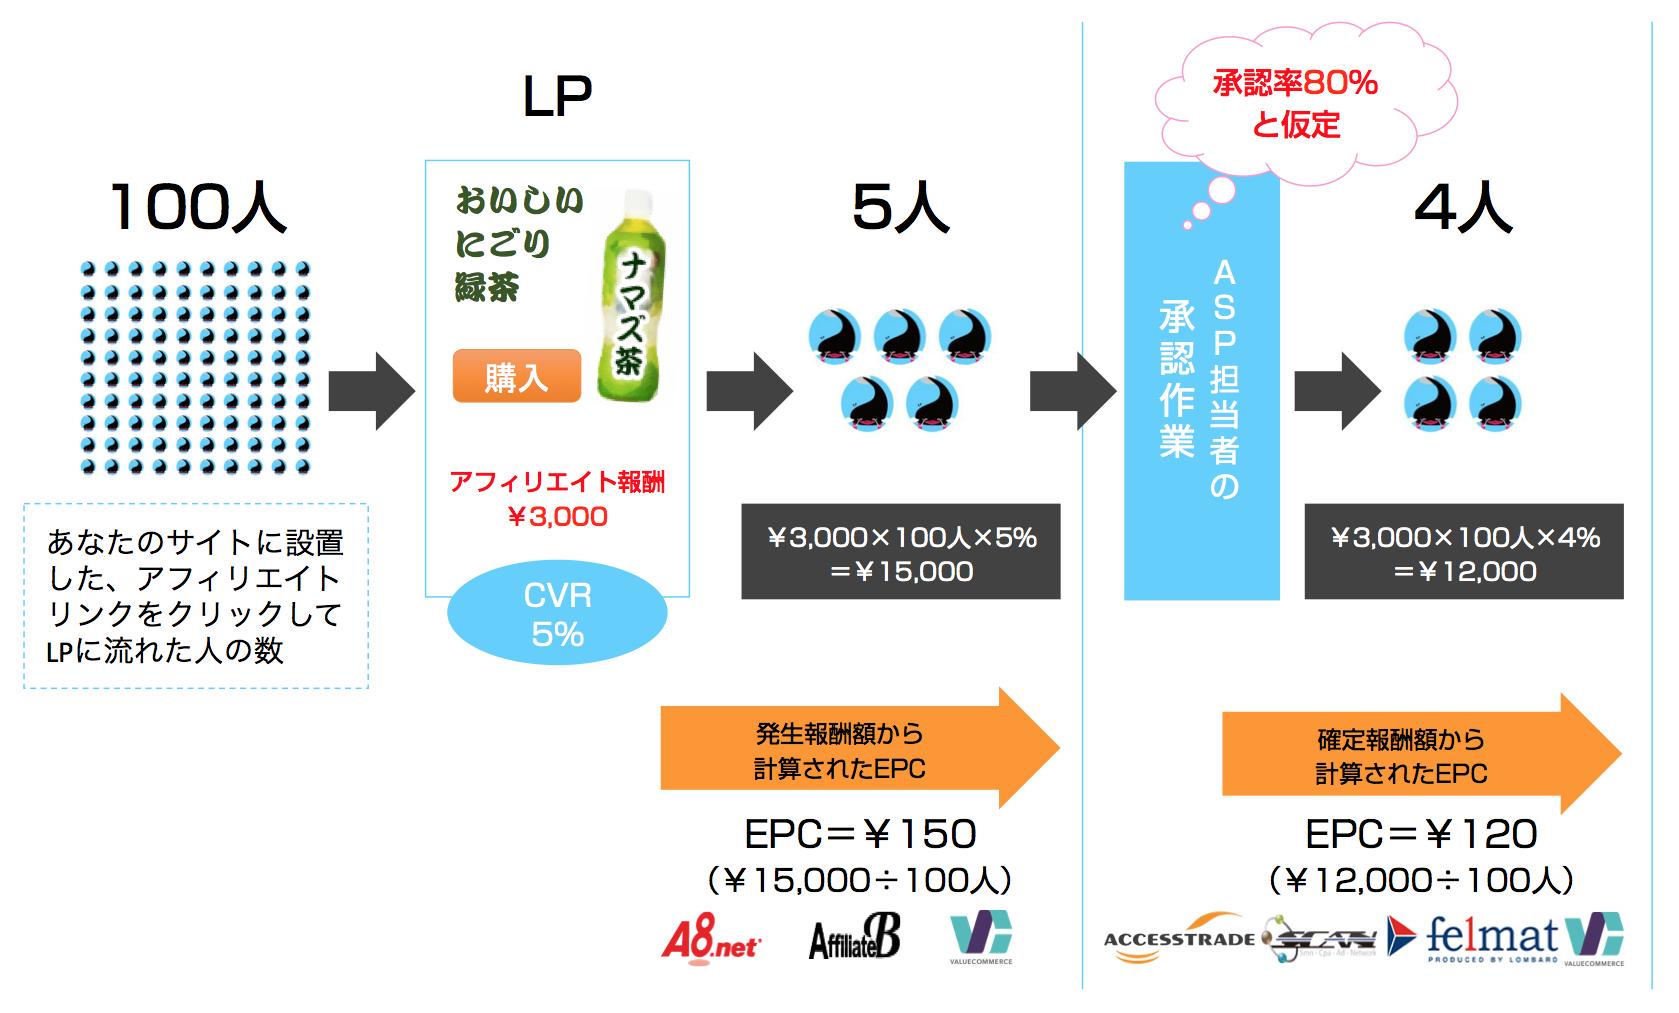 発生ベースと確定ベースのEPCの違い